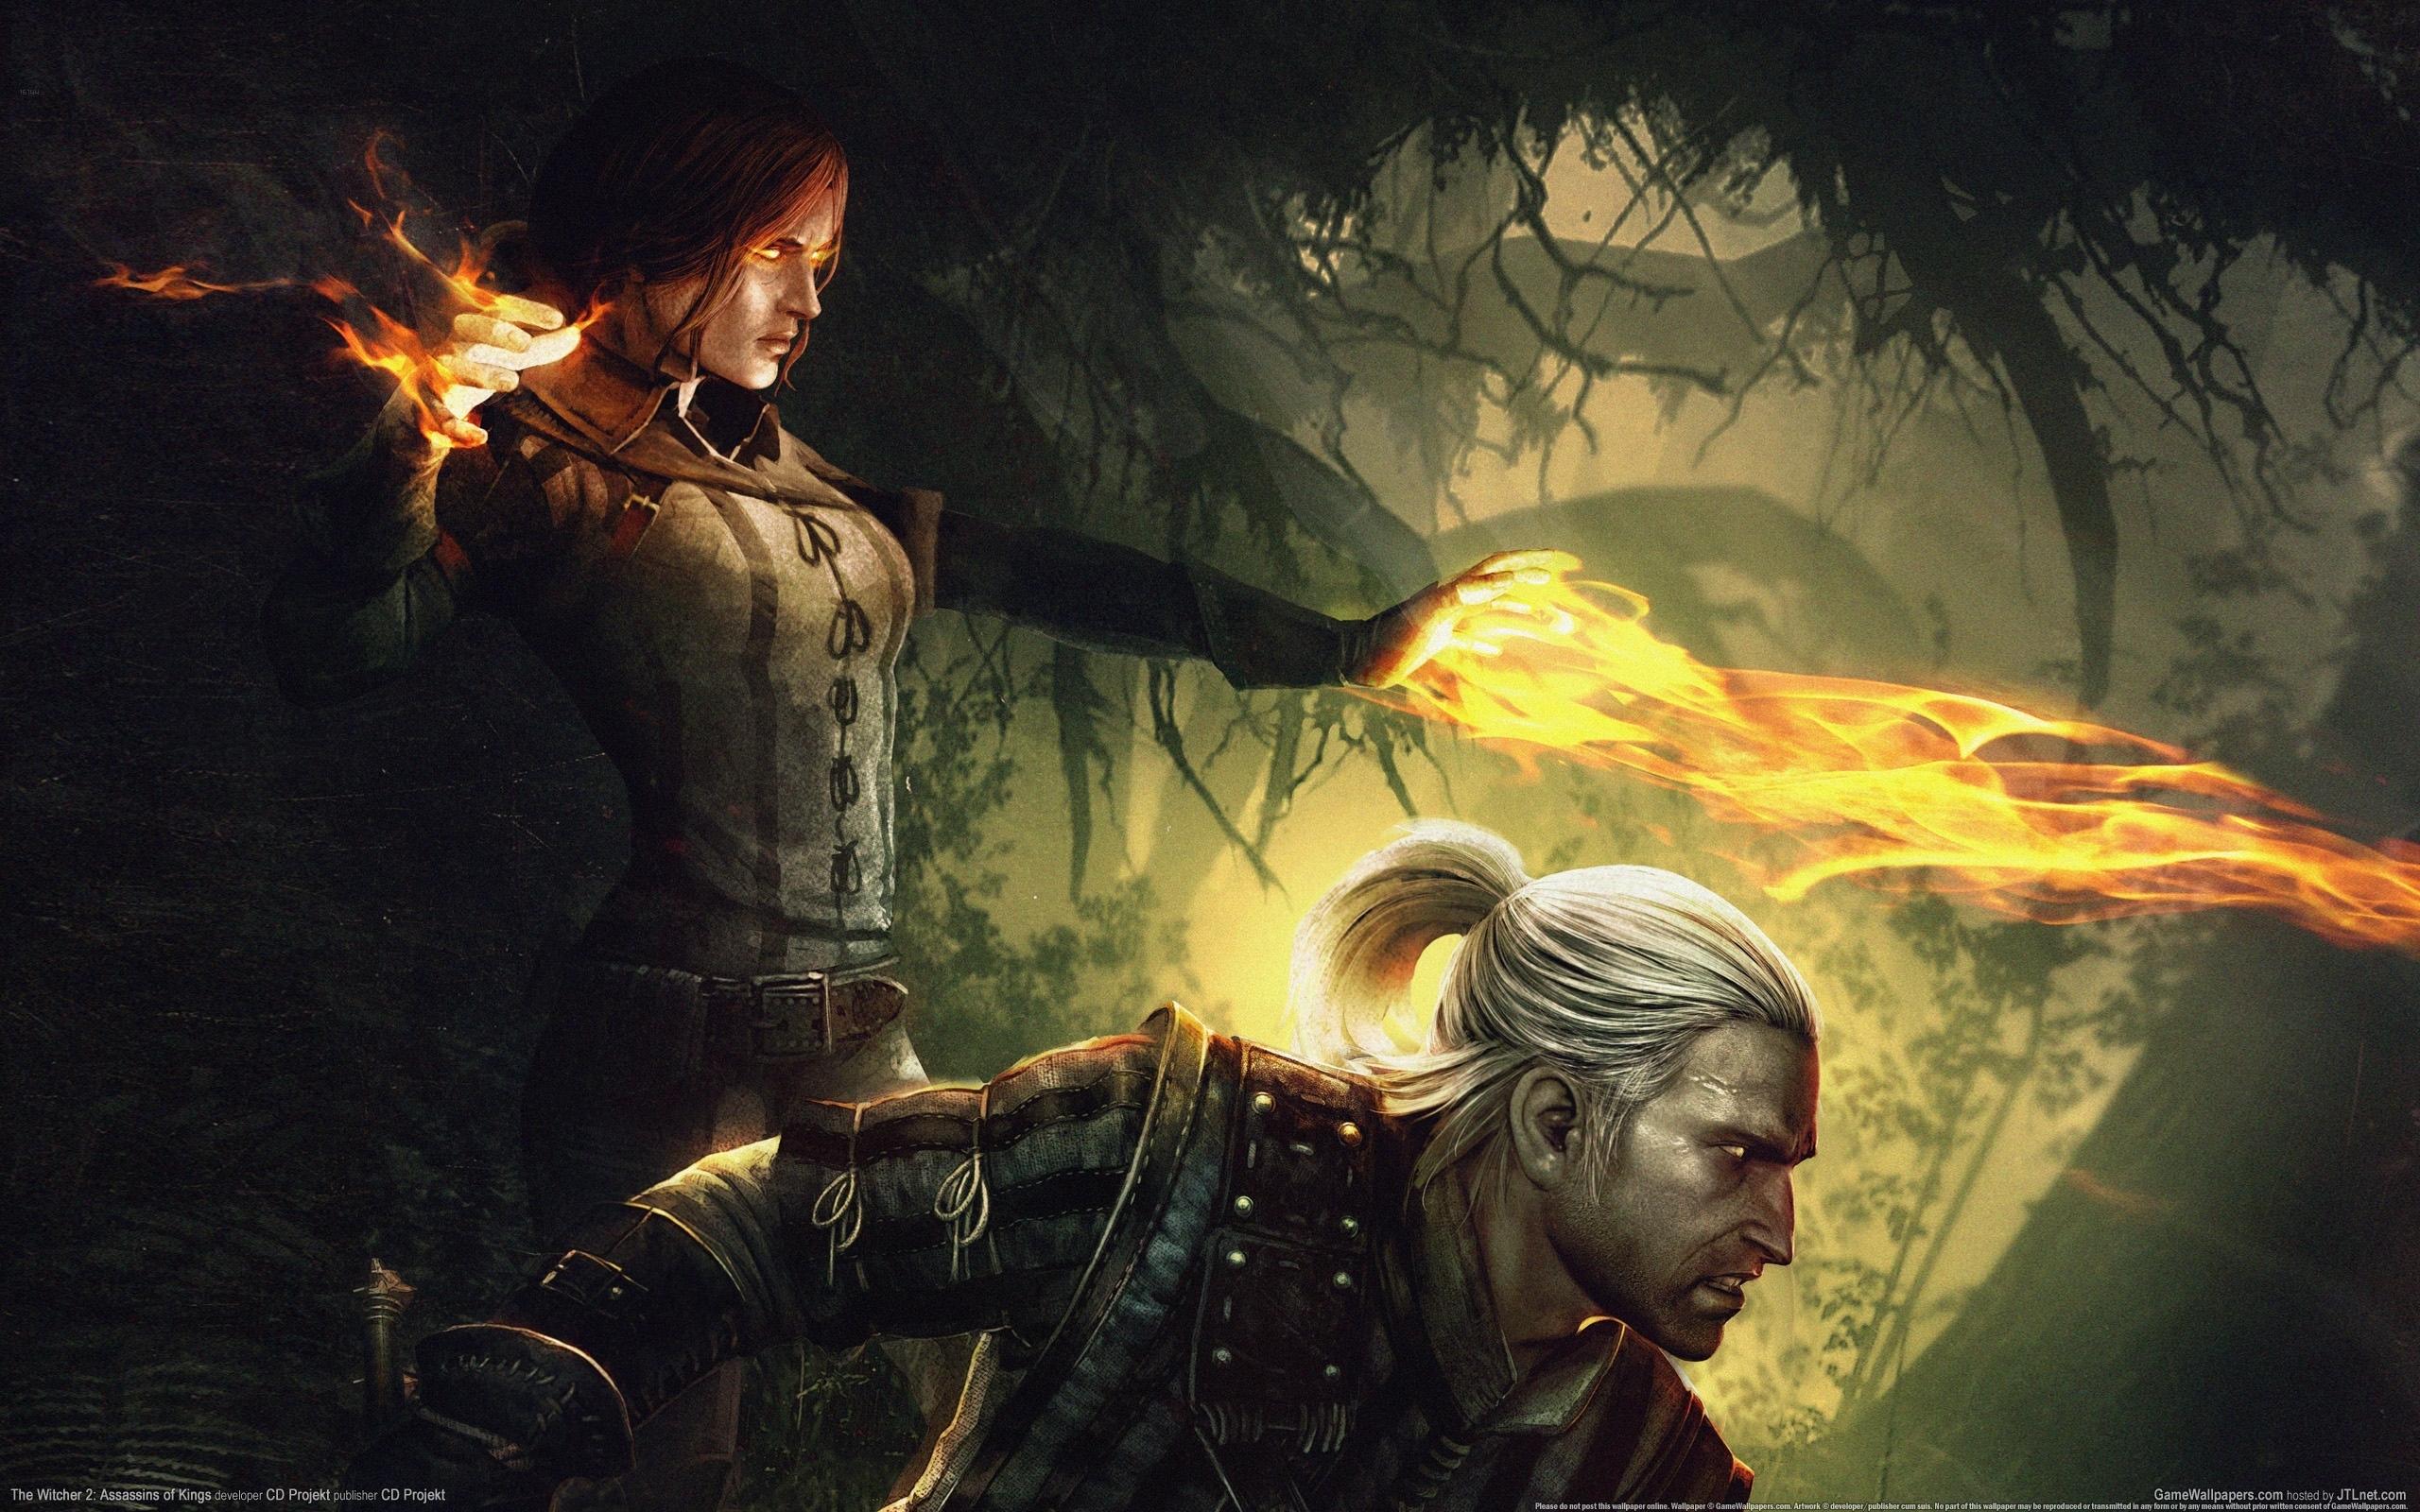 21271 Hintergrundbild herunterladen Spiele, Witcher - Bildschirmschoner und Bilder kostenlos